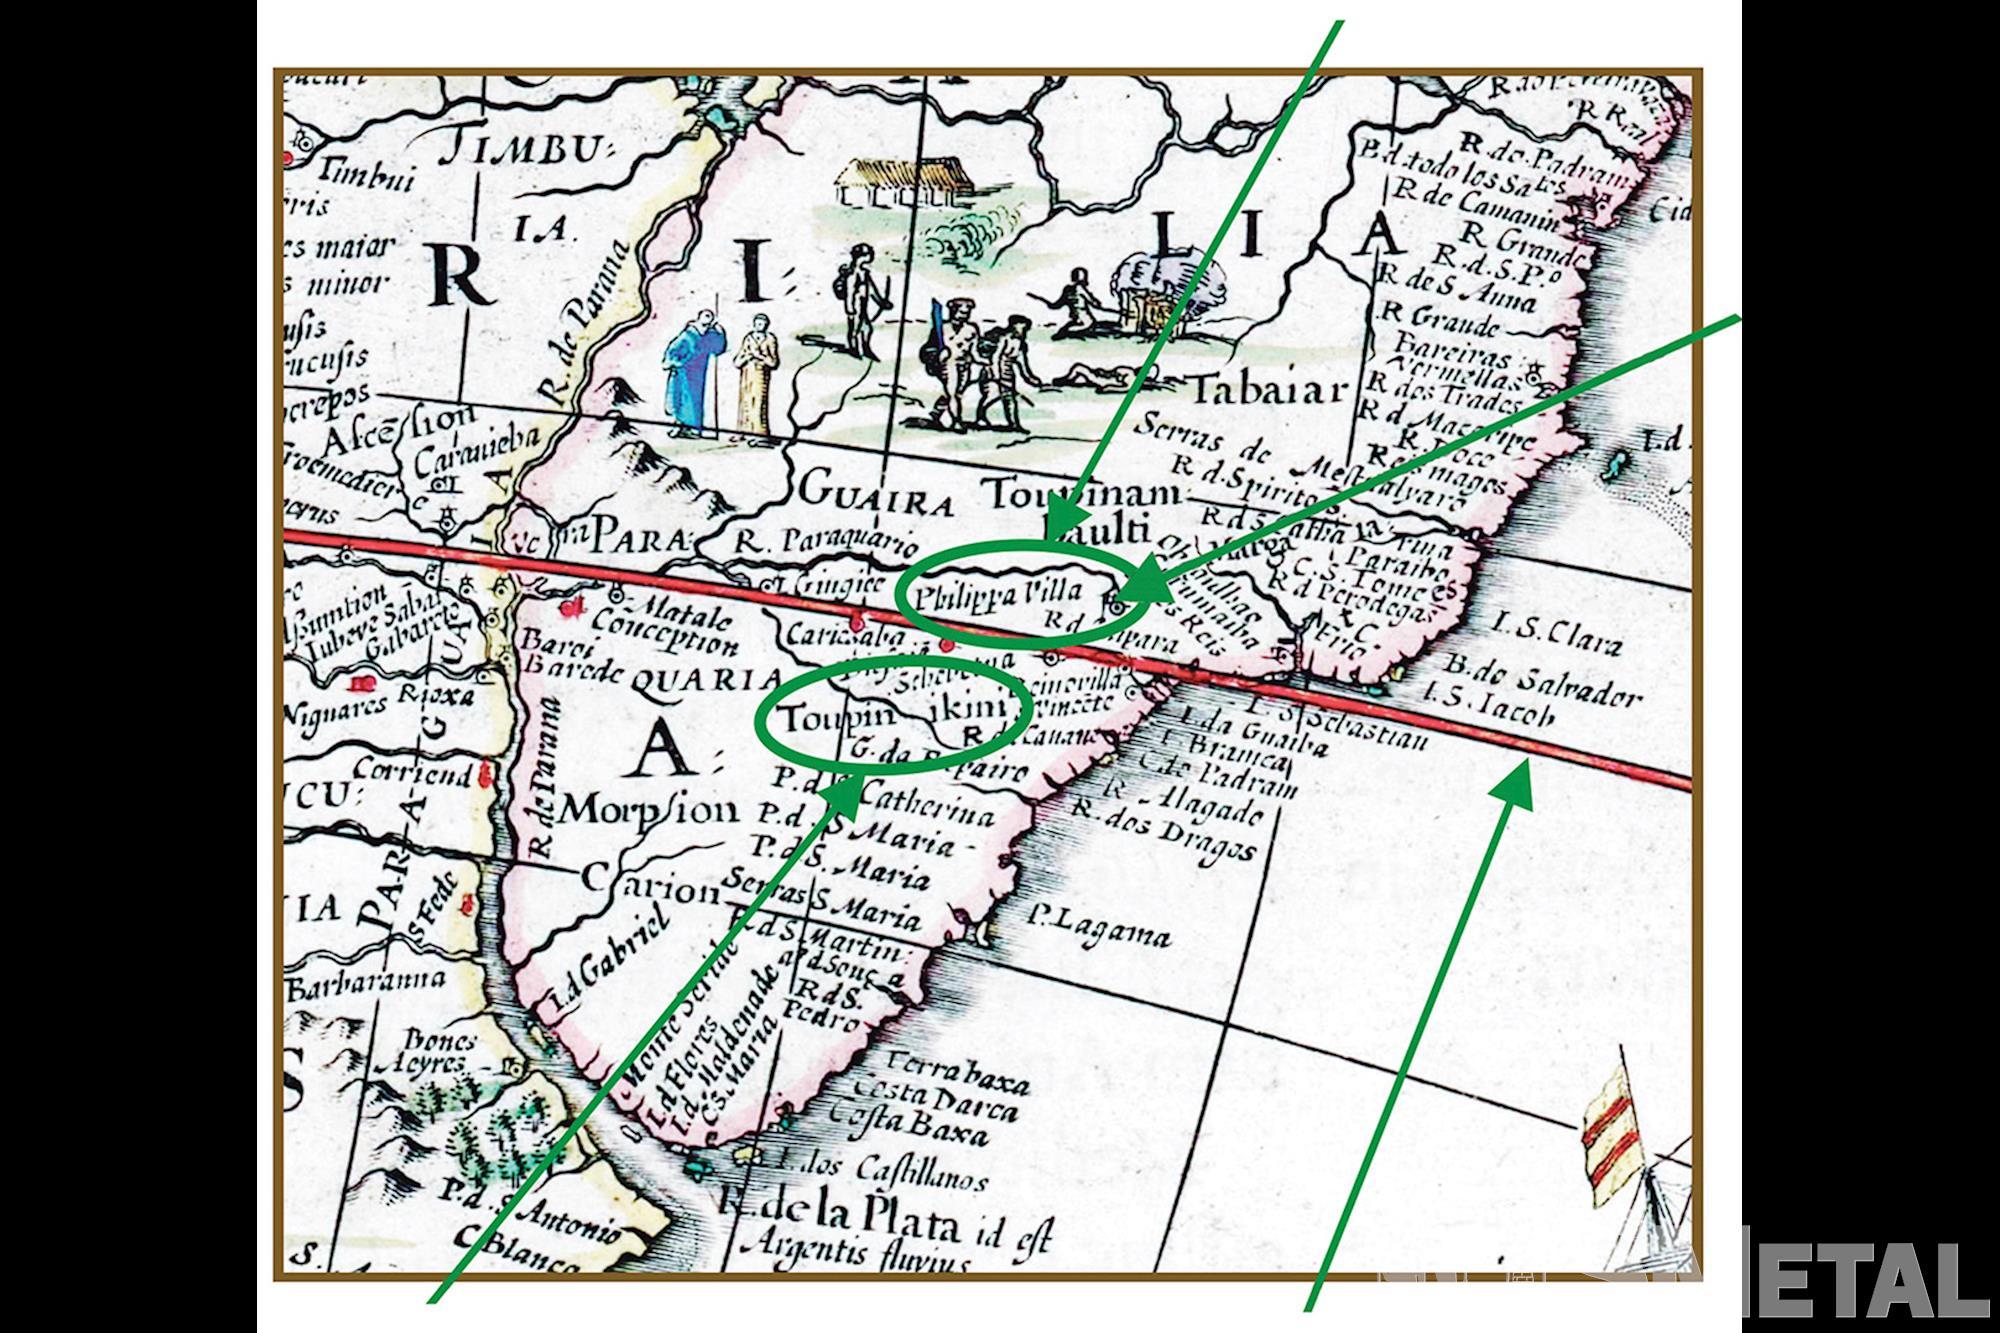 Mapa de 1640 do pesquisador holandês Blaeu traz referência ao Rio Sorocaba e à comunidade Tupiniquim, Indígenas: Resistência e preservação cultural